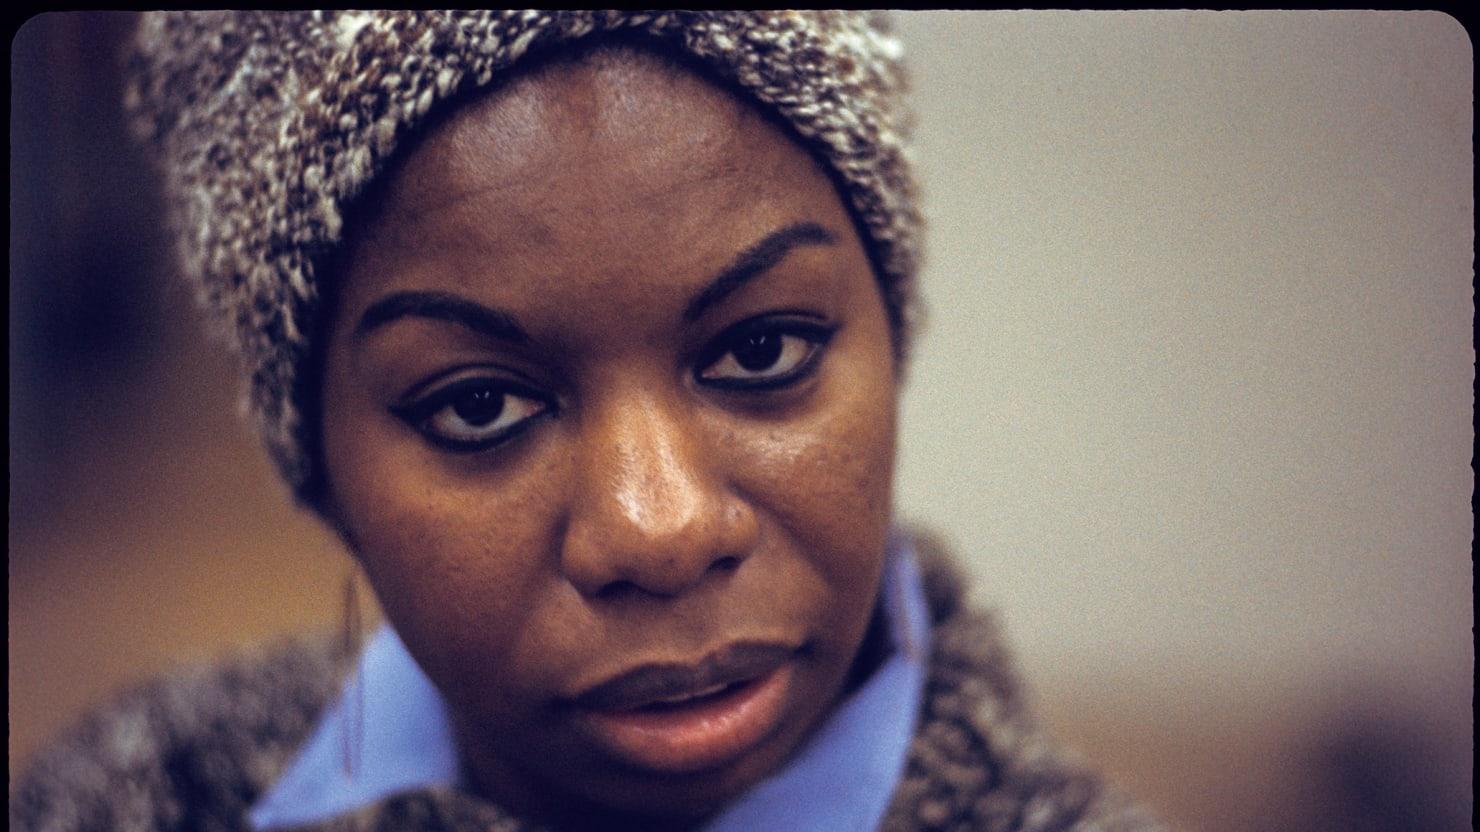 Exclusive: Nina Simone as You've Never Seen Her